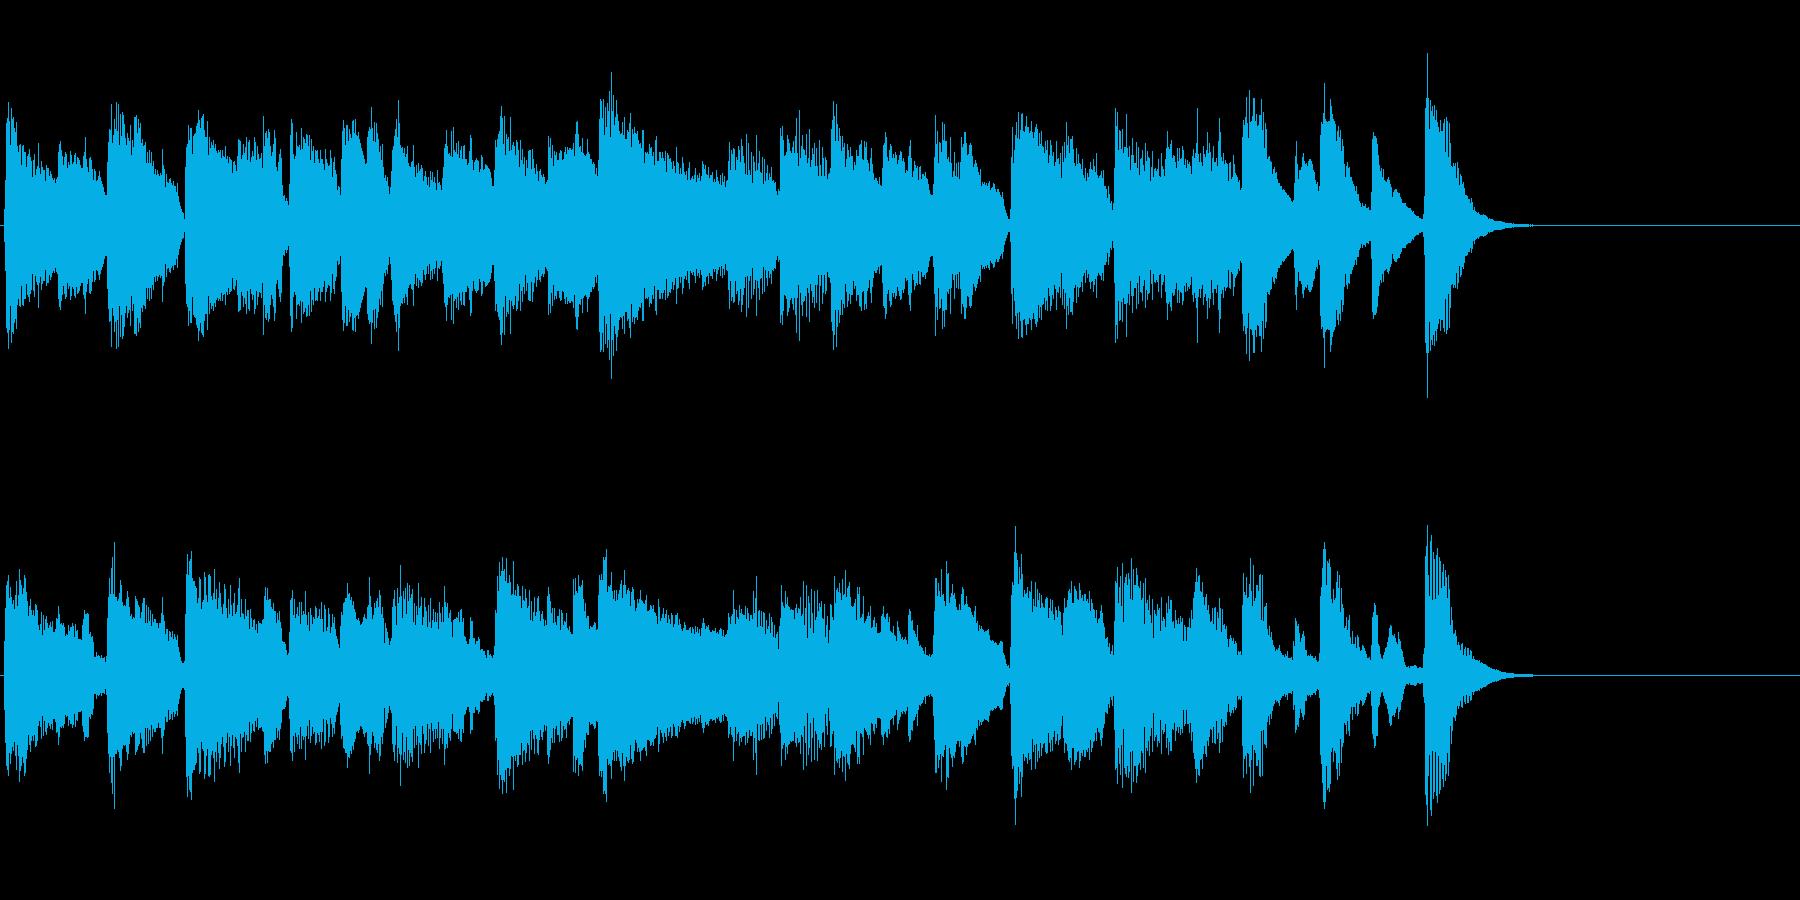 アイドルをイメージしたジングル 8小節Bの再生済みの波形